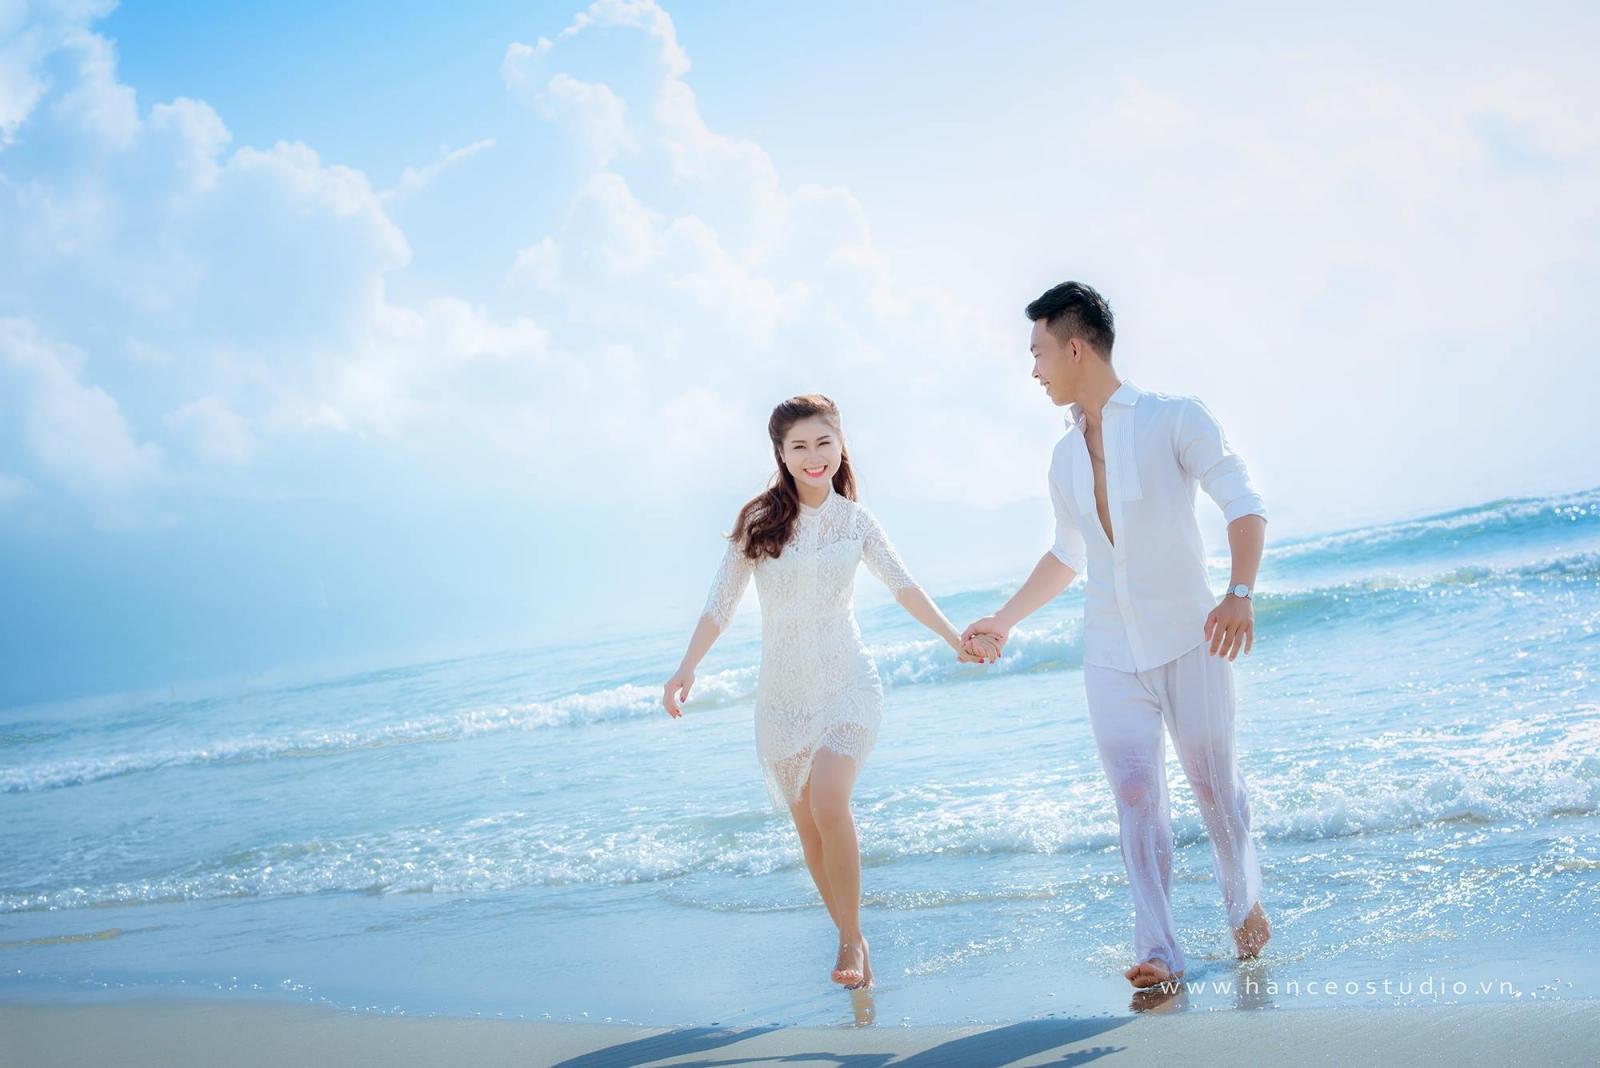 Trọn gói dịch vụ chụp hình cưới ngoại cảnh Đà Nẵng